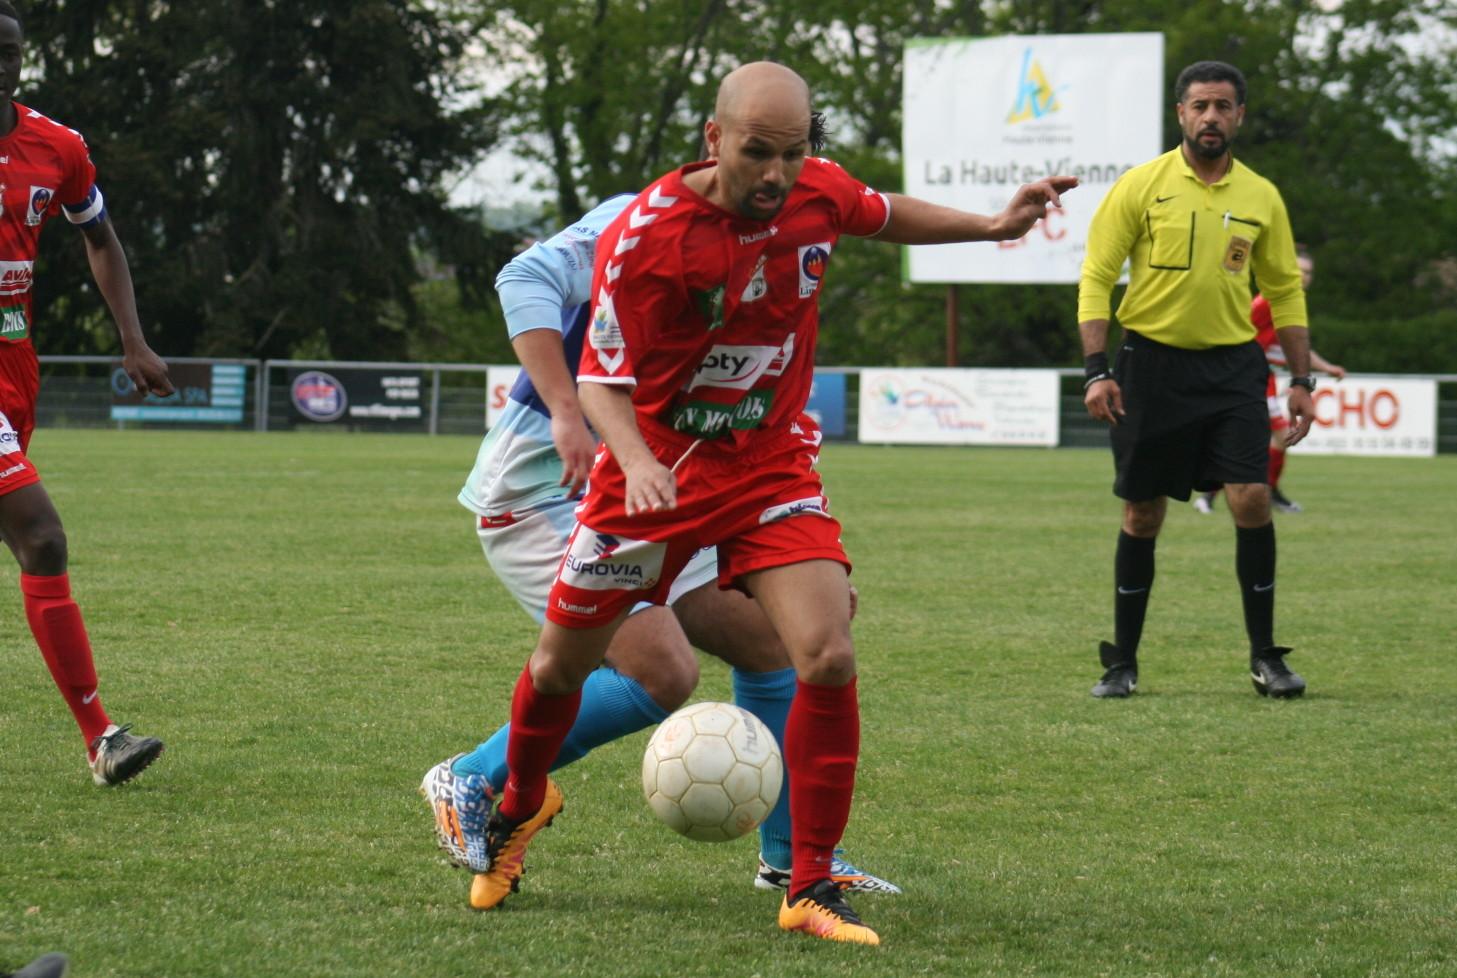 Limoges-Gouzon (2) Samy Houri.jpg